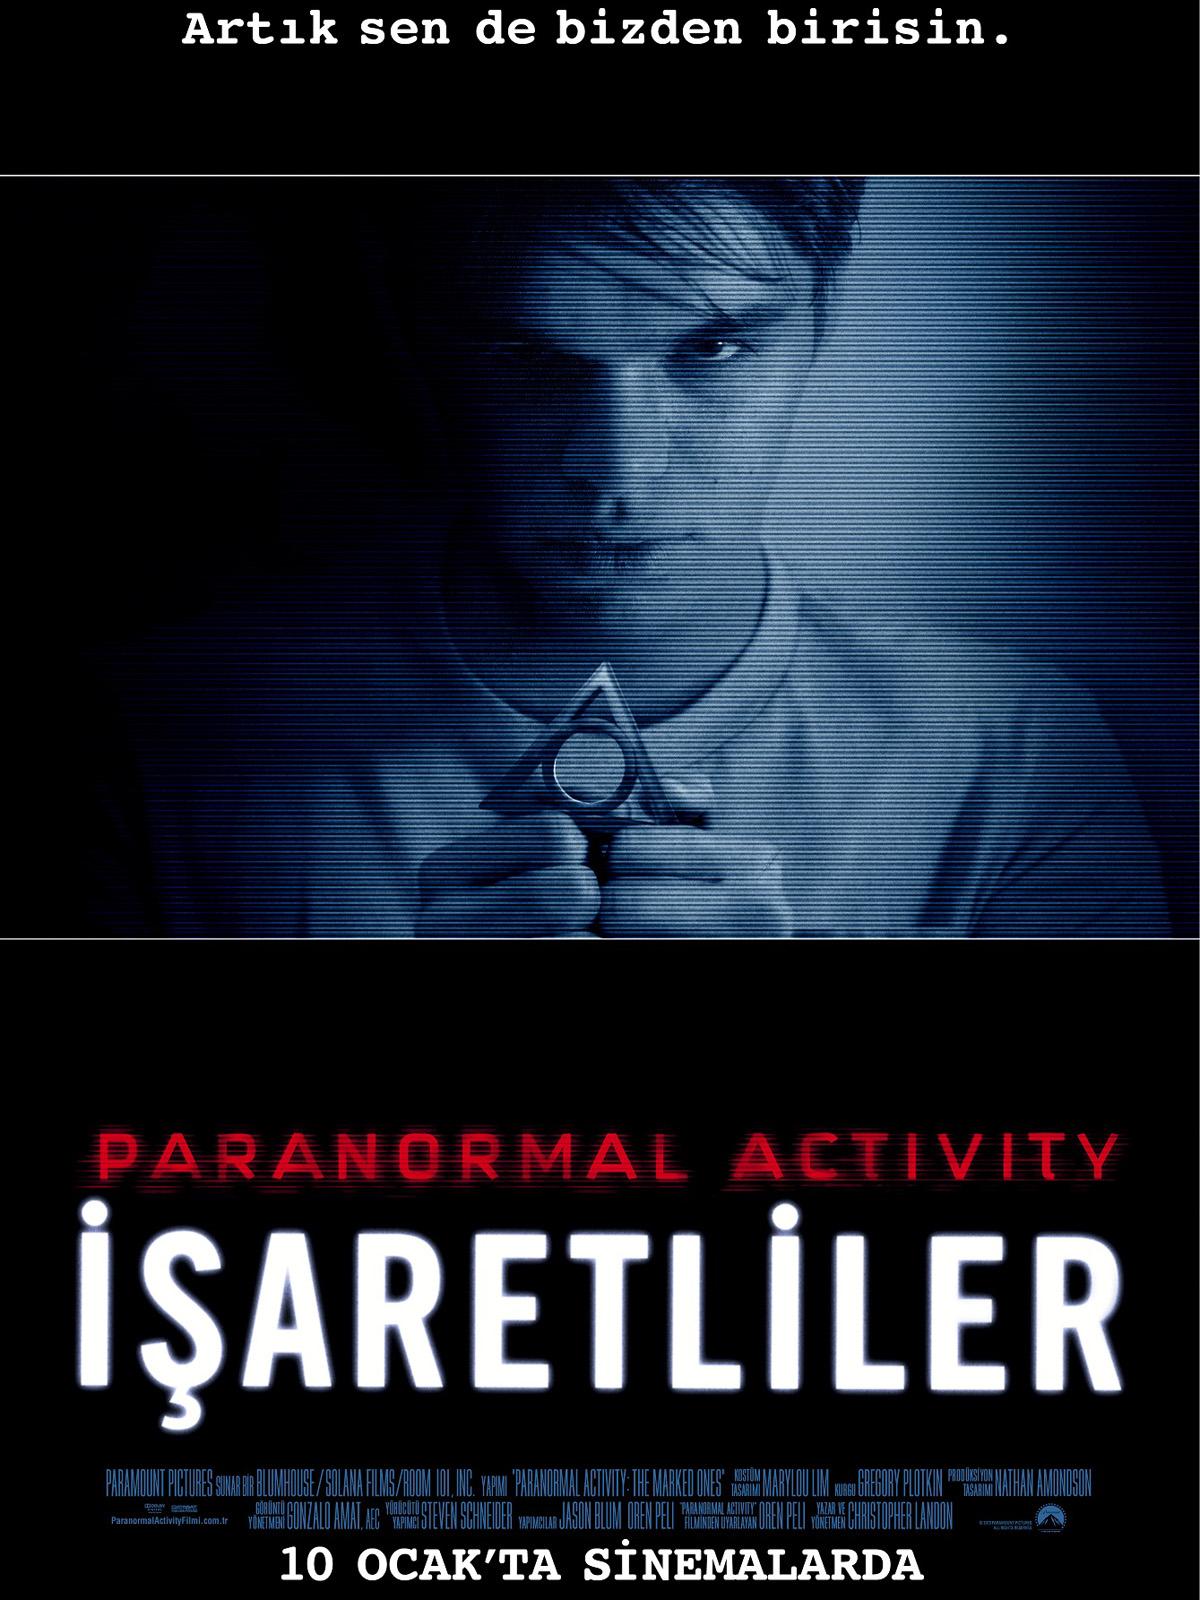 Paranormal Activity : İşaretliler Türkçe Dublaj indir | 2014